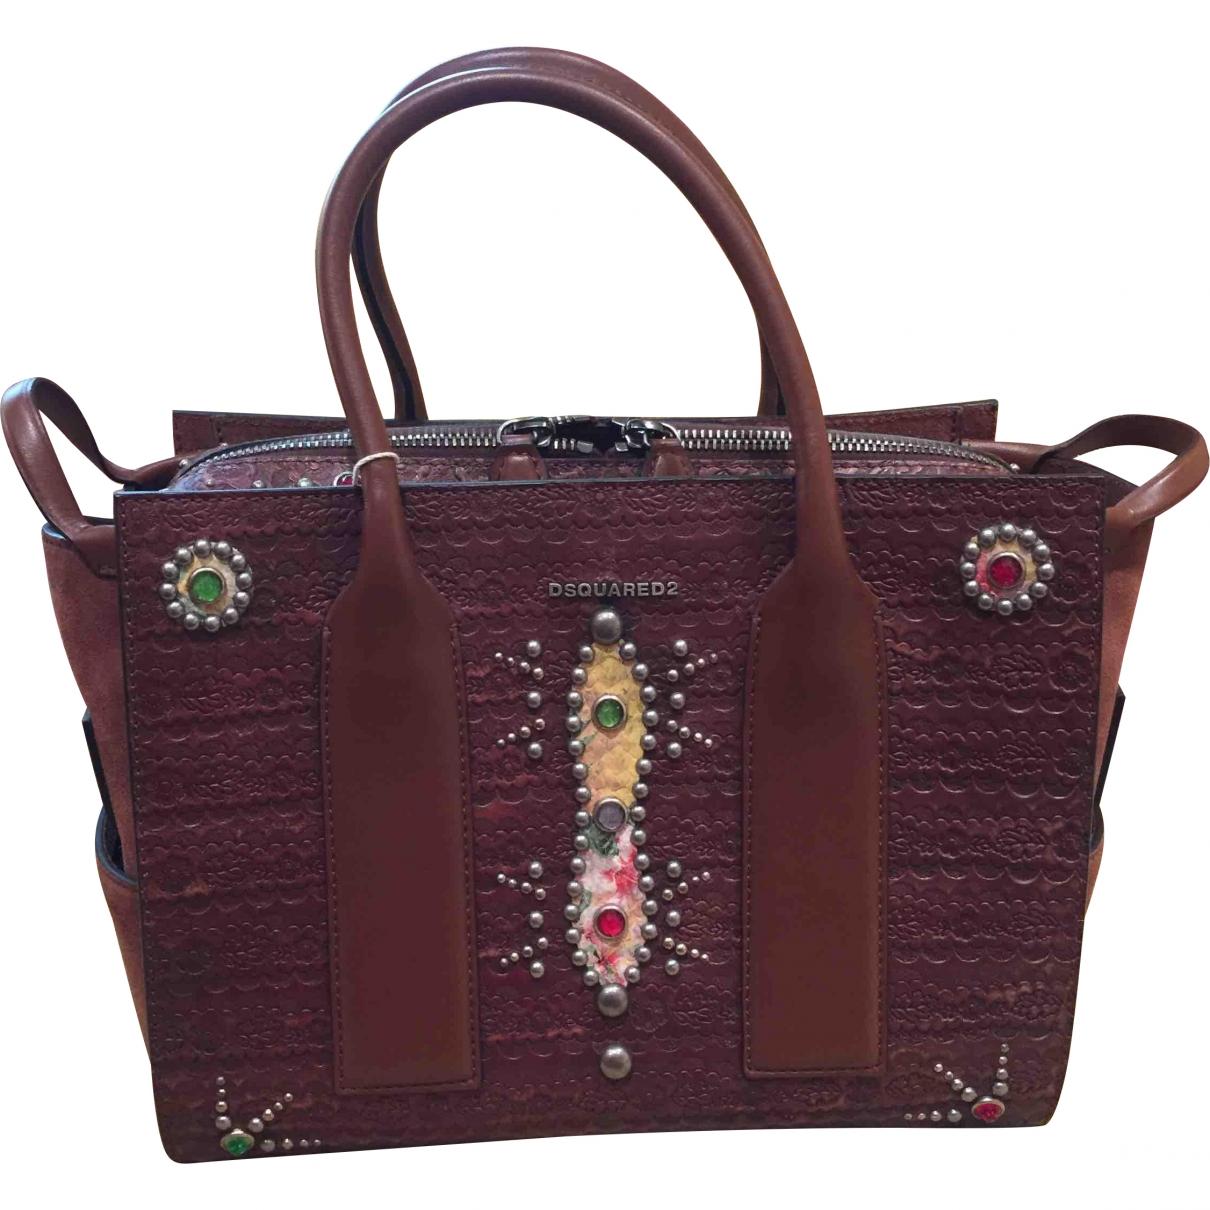 Dsquared2 \N Brown Suede handbag for Women \N